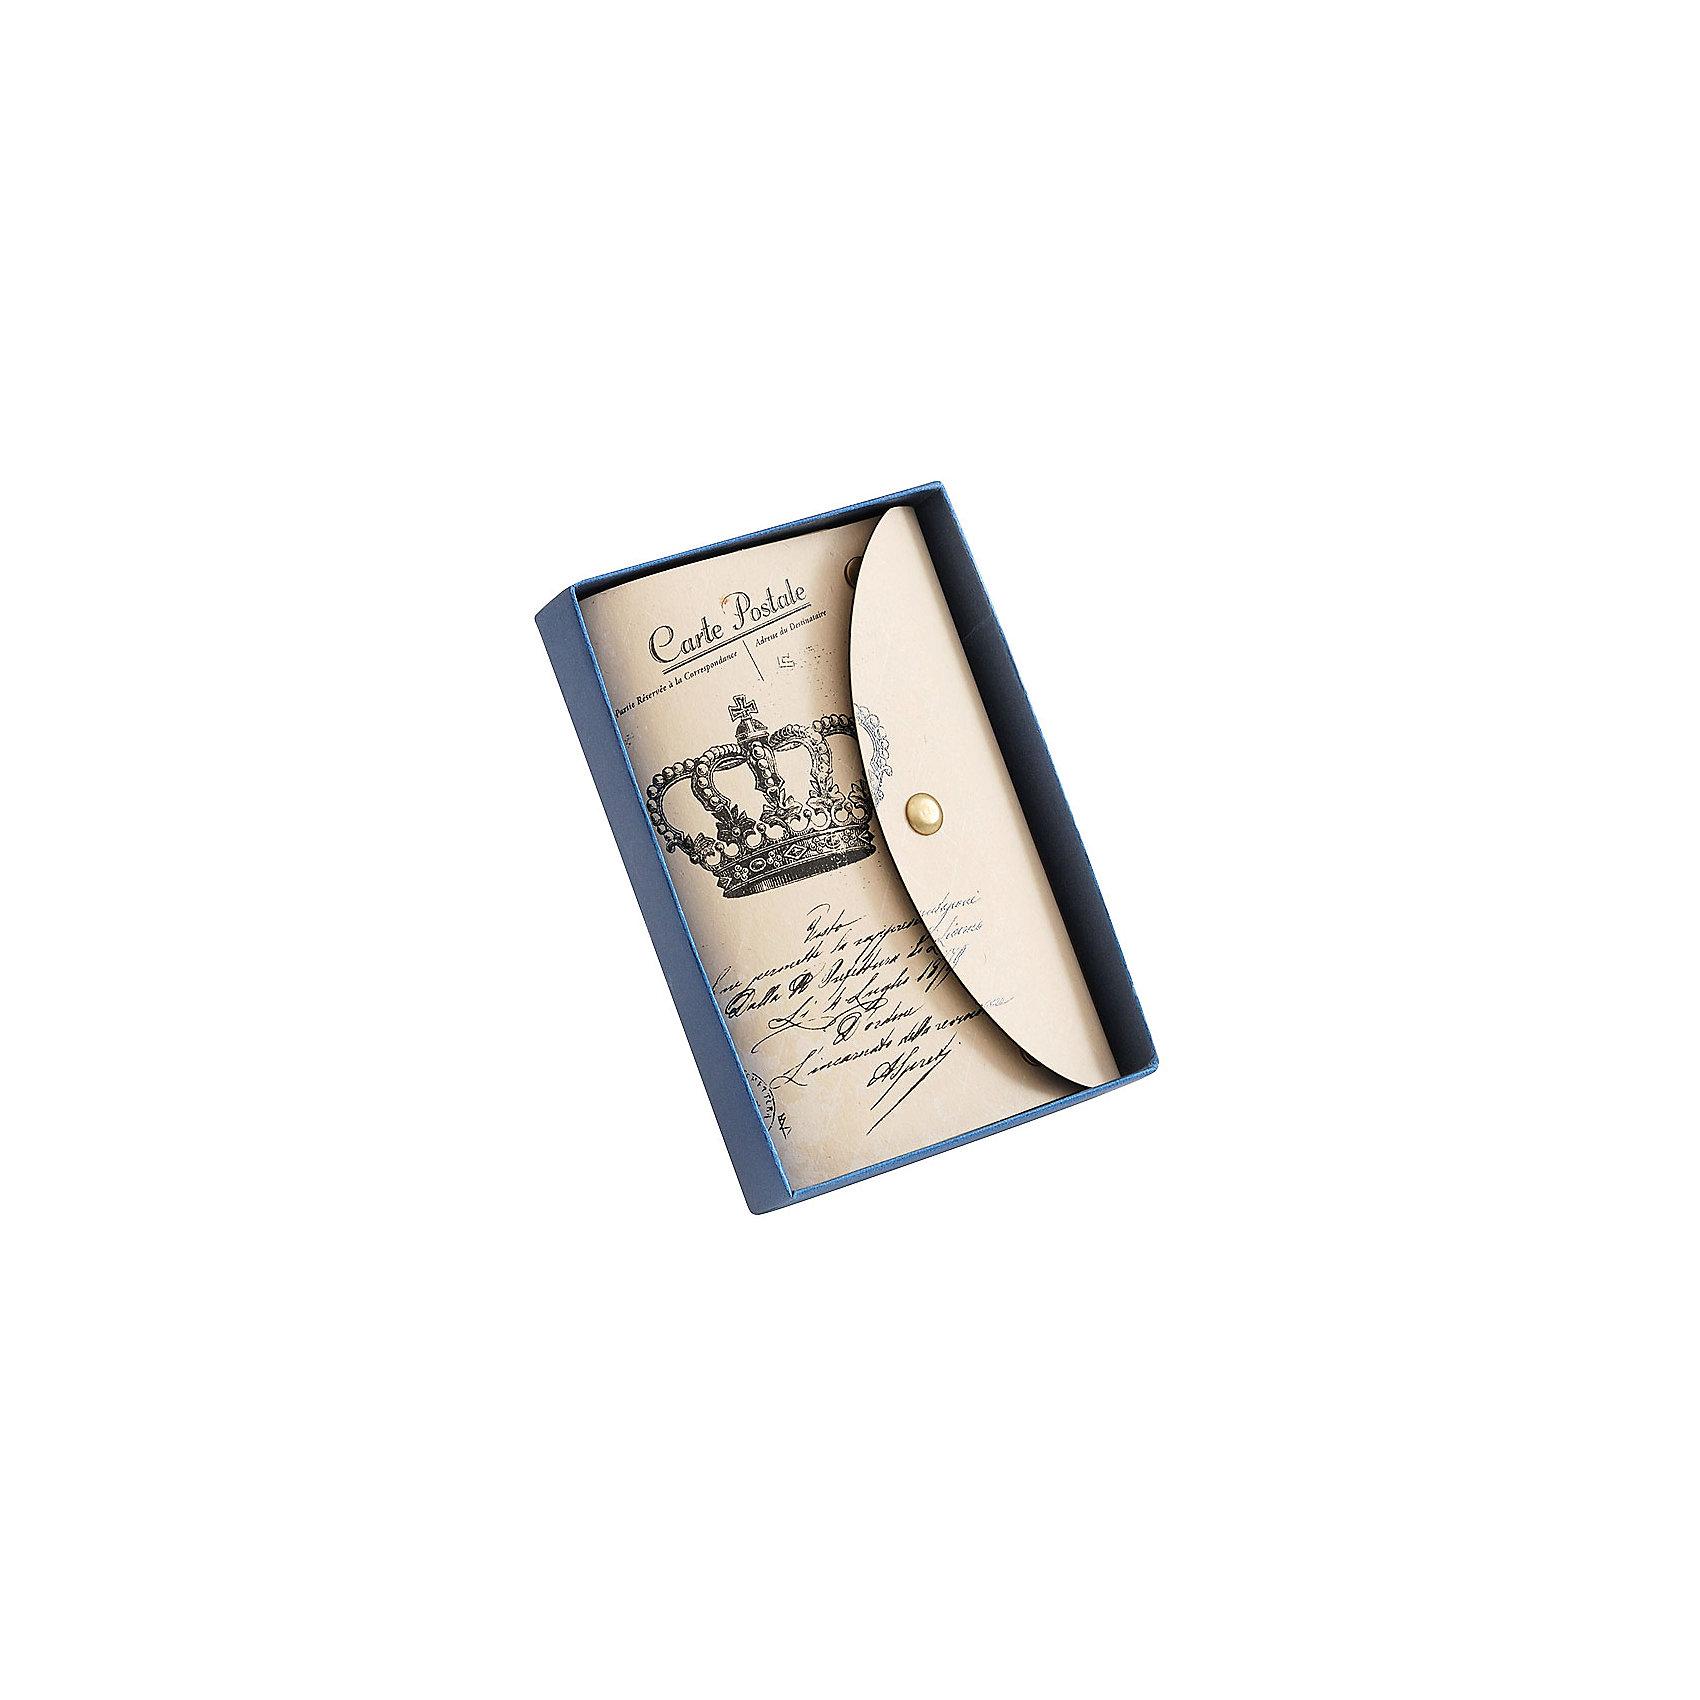 Органайзер для записей Винтажный шик (белый)Бумажная продукция<br>Характеристики товара:<br><br>• материал: бумага<br>• два кармана<br>• страниц: 68<br>• формат: 12х18х4 см<br>• магнитная застежка<br>• дополнительный блокнот<br>• листы с принтом<br>• упаковка: плотная коробка, пакет<br>• страна производства: Китай<br><br>Такой органайзер может стать хорошим подарком на любой праздник. Он очень симпатично выглядит, стилизован под винтажный конверт. Оригинальности изделию добавляет принт. Органайзер очень удобно закрывается на магнитный замок.<br>Изделие очень качественно выполнено, оно выдержано в стиле старины. Формат - удобный. Органайзер станет отличным подарком тем, кто любит творчество. Он просто красиво смотрится на полке или в интерьере.<br><br>Органайзер для записей Винтажный шик (белый) от бренда Белоснежка можно купить в нашем интернет-магазине.<br><br>Ширина мм: 180<br>Глубина мм: 120<br>Высота мм: 35<br>Вес г: 257<br>Возраст от месяцев: 72<br>Возраст до месяцев: 2147483647<br>Пол: Женский<br>Возраст: Детский<br>SKU: 5275925